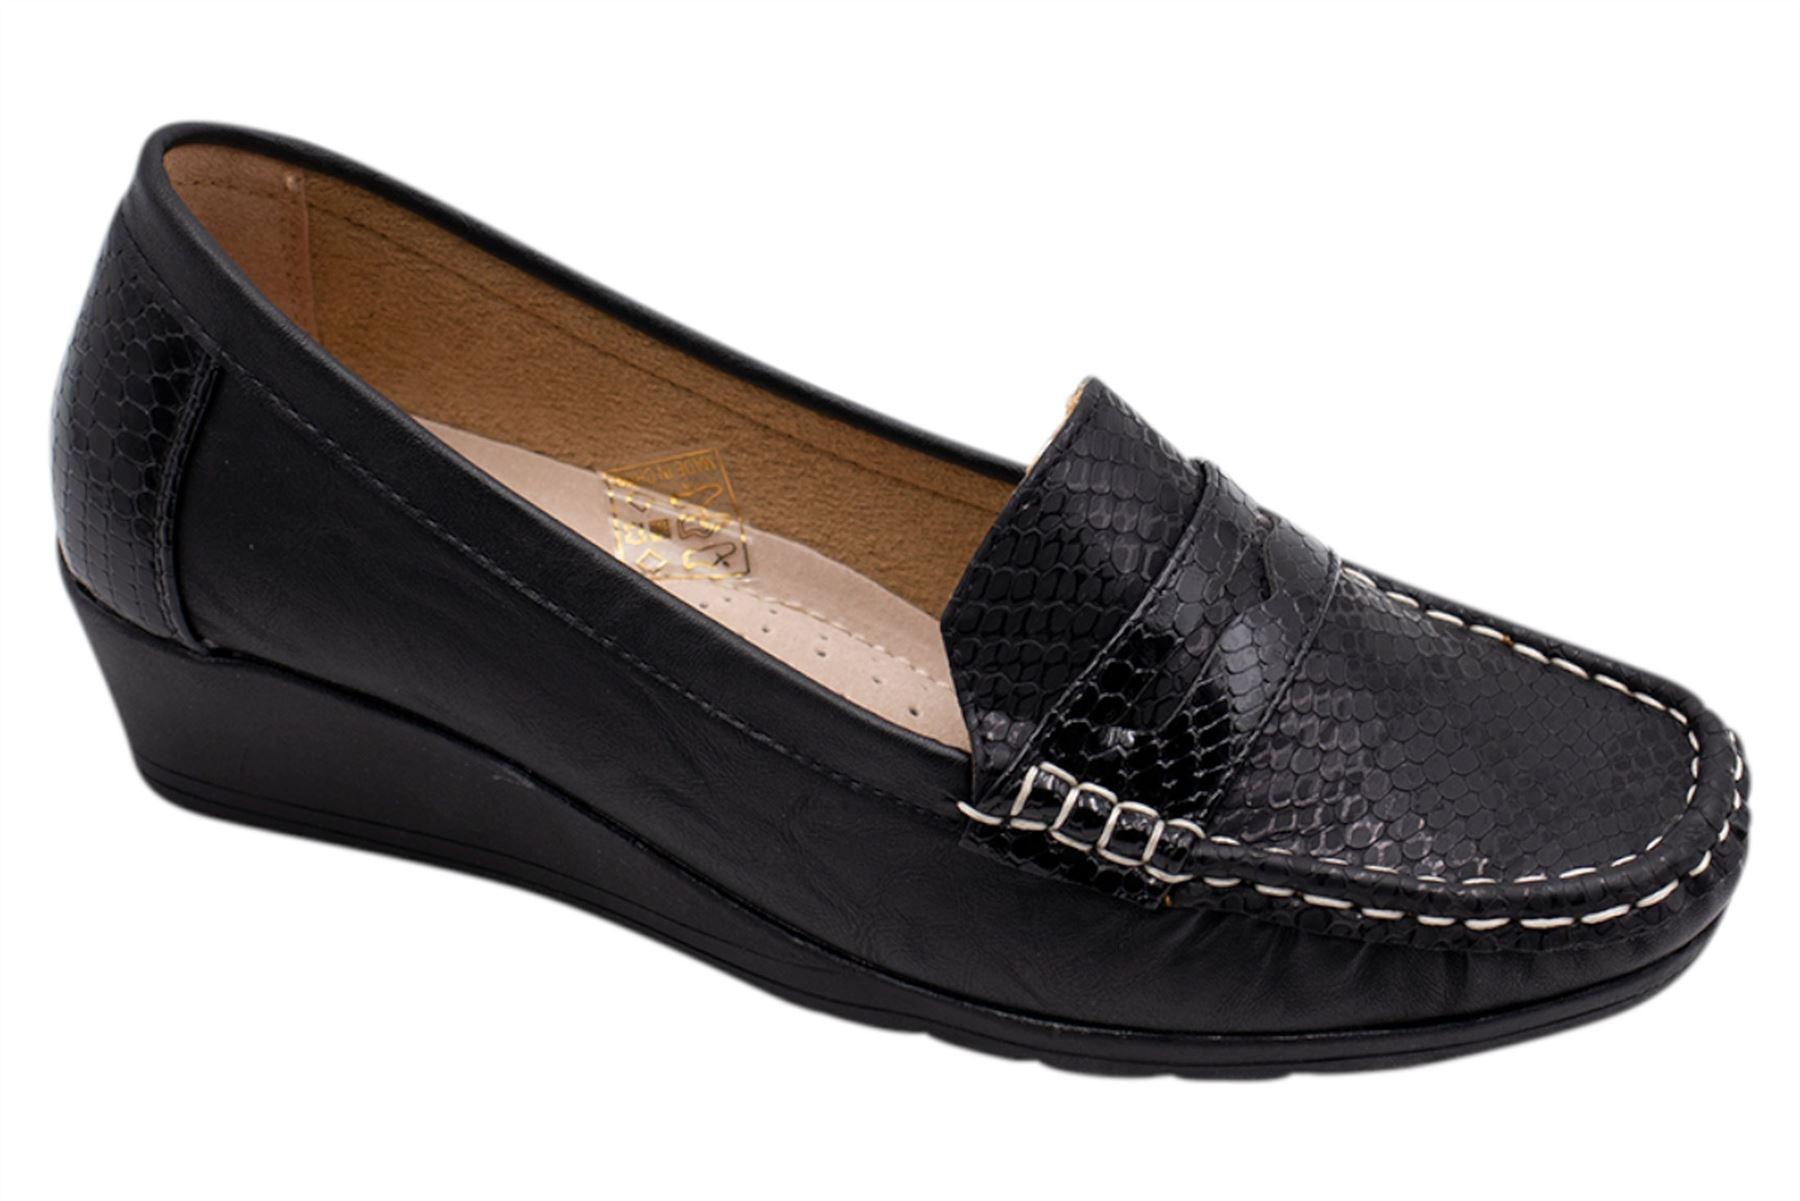 promo code 1c3ae b2b77 Details zu Womens Keilabsatz Schuhe Damen Pumps Büro Arbeit Freizeit  Slipper Größe